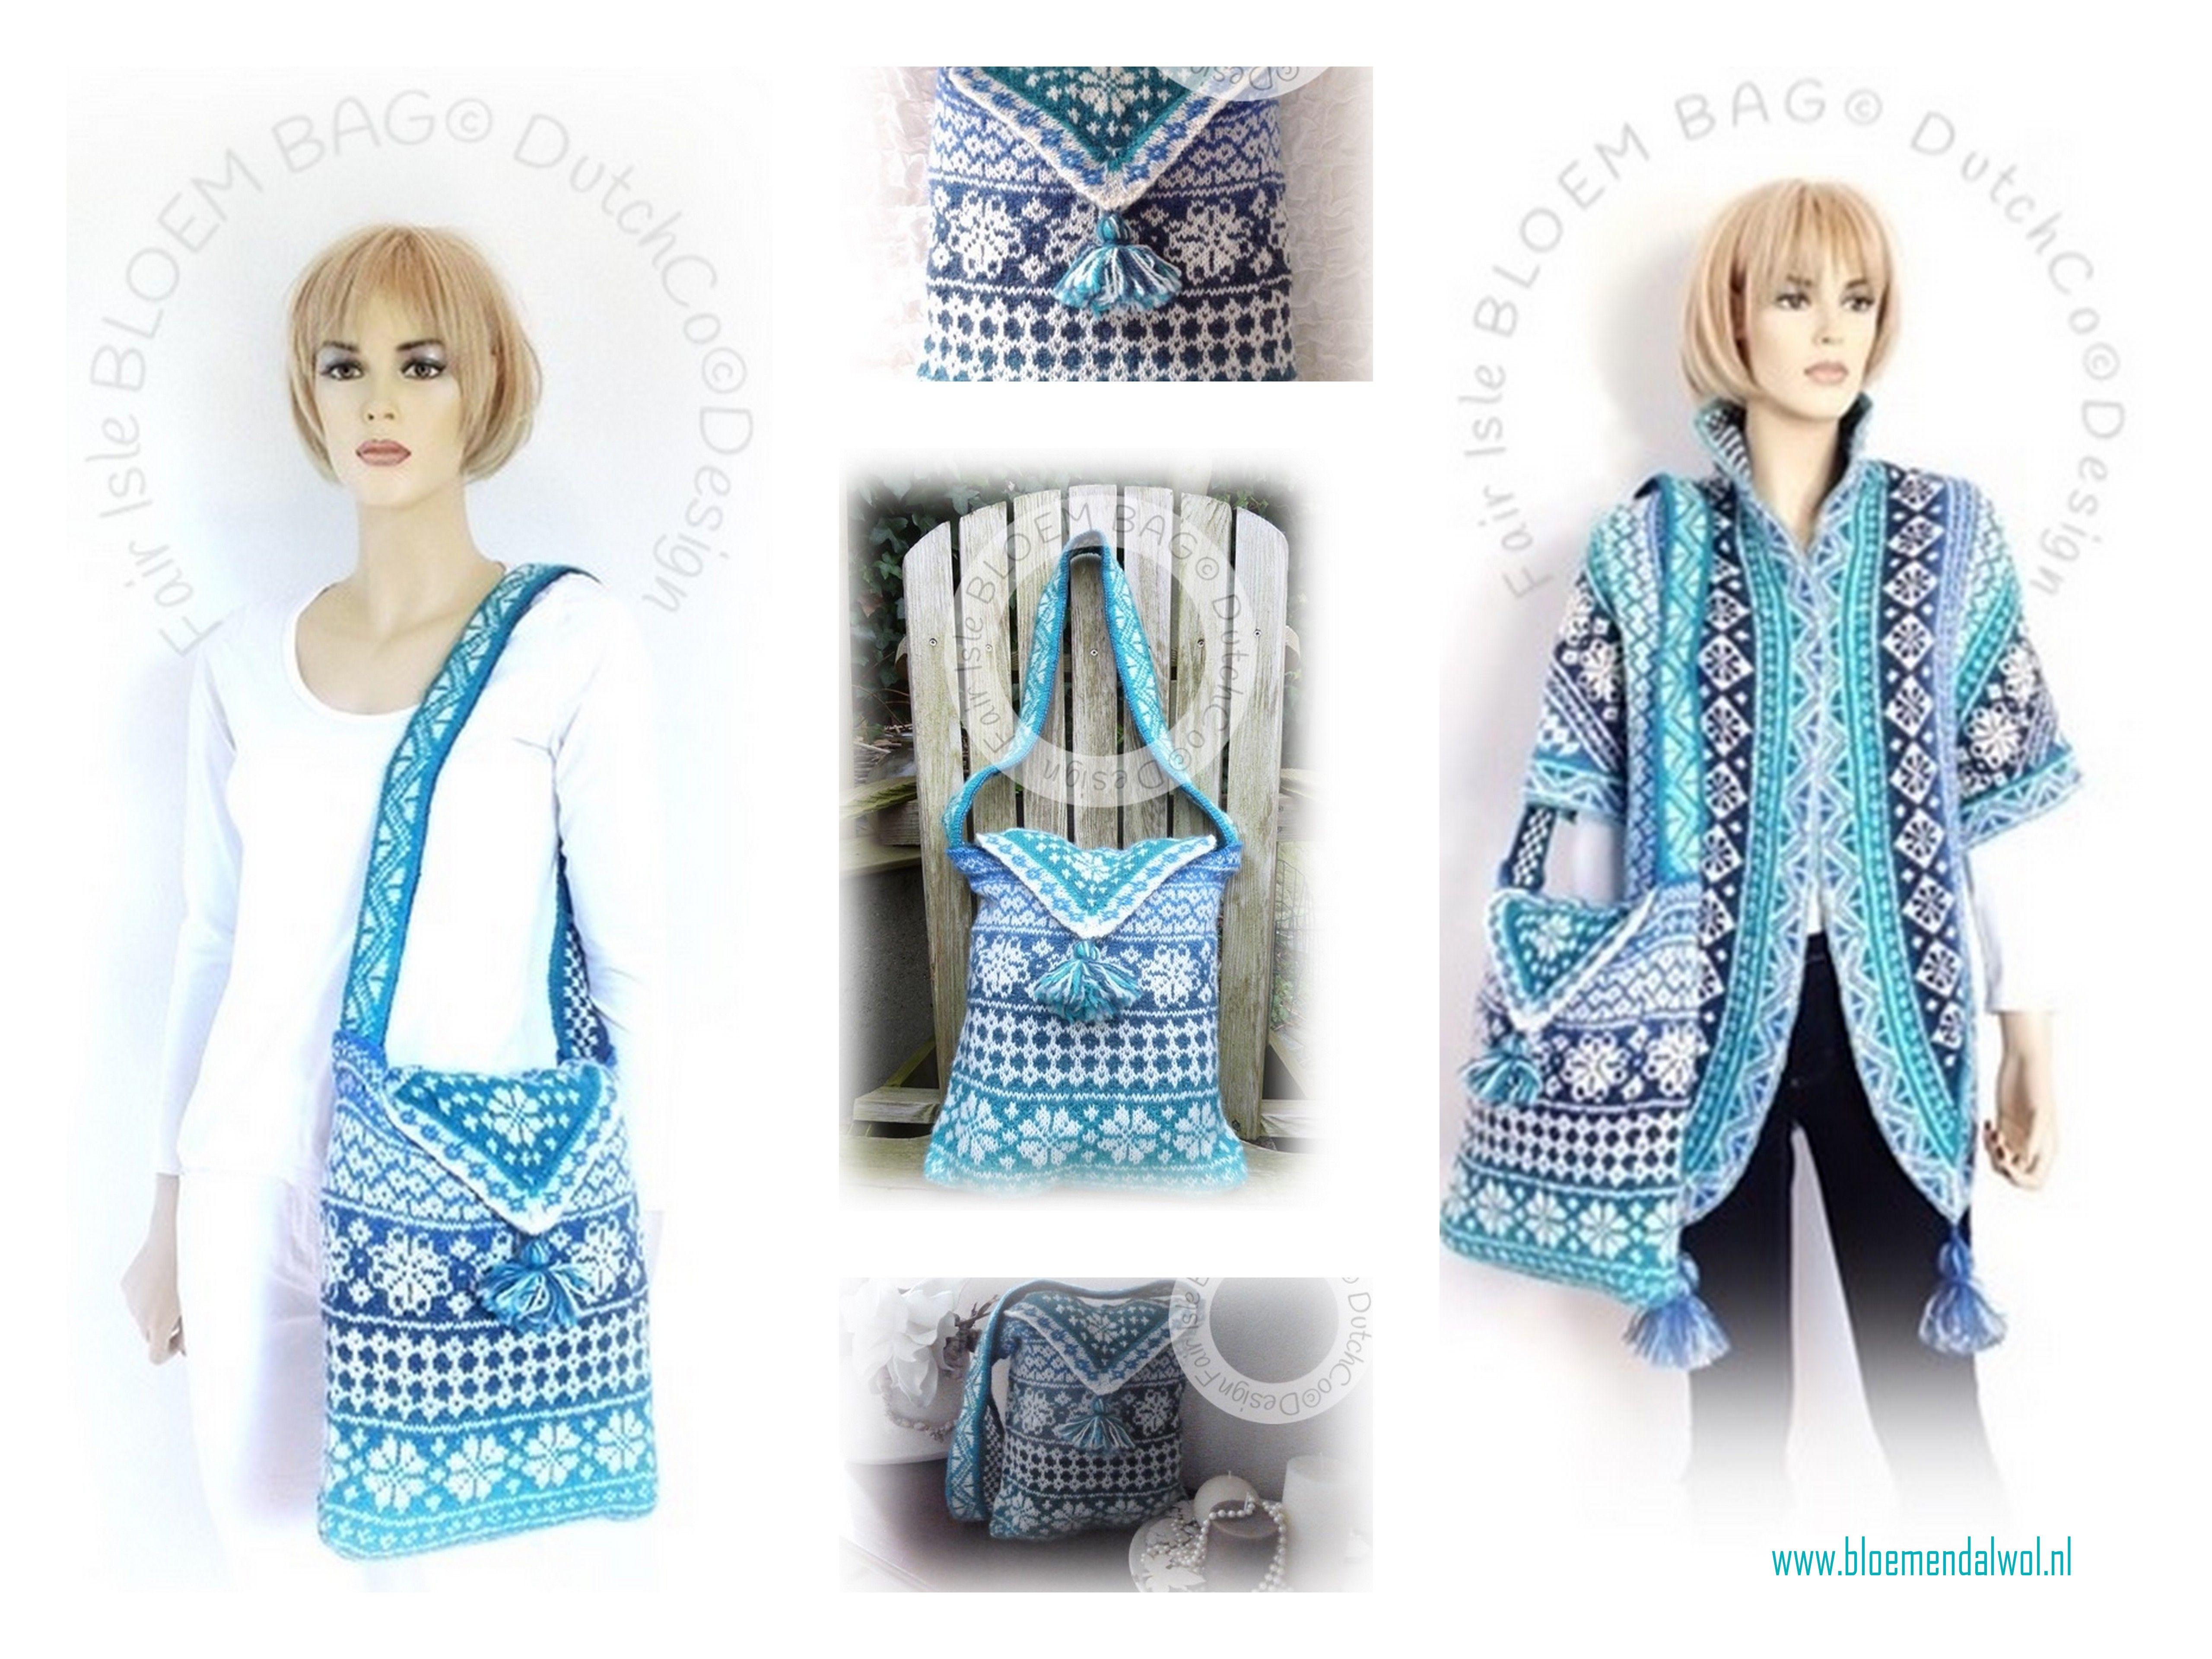 Fair Isle bloem bag @ DutchCo design Stap voor stap handleiding boordevol technieken die je nodig hebt voor fair isle shawls/ het breien met knipbiezen etc. Ideaal oefenproject. Binnenkort te koop via onze vernieuwde webshop http://www.bloemendalwol.nl/nl/  maar je kunt het patroon nu al kopen via ravelry: http://www.ravelry.com/patterns/library/fair-isle-bloem-bag  het patroon van de shawl is los te koop staat niet op dit patroon,